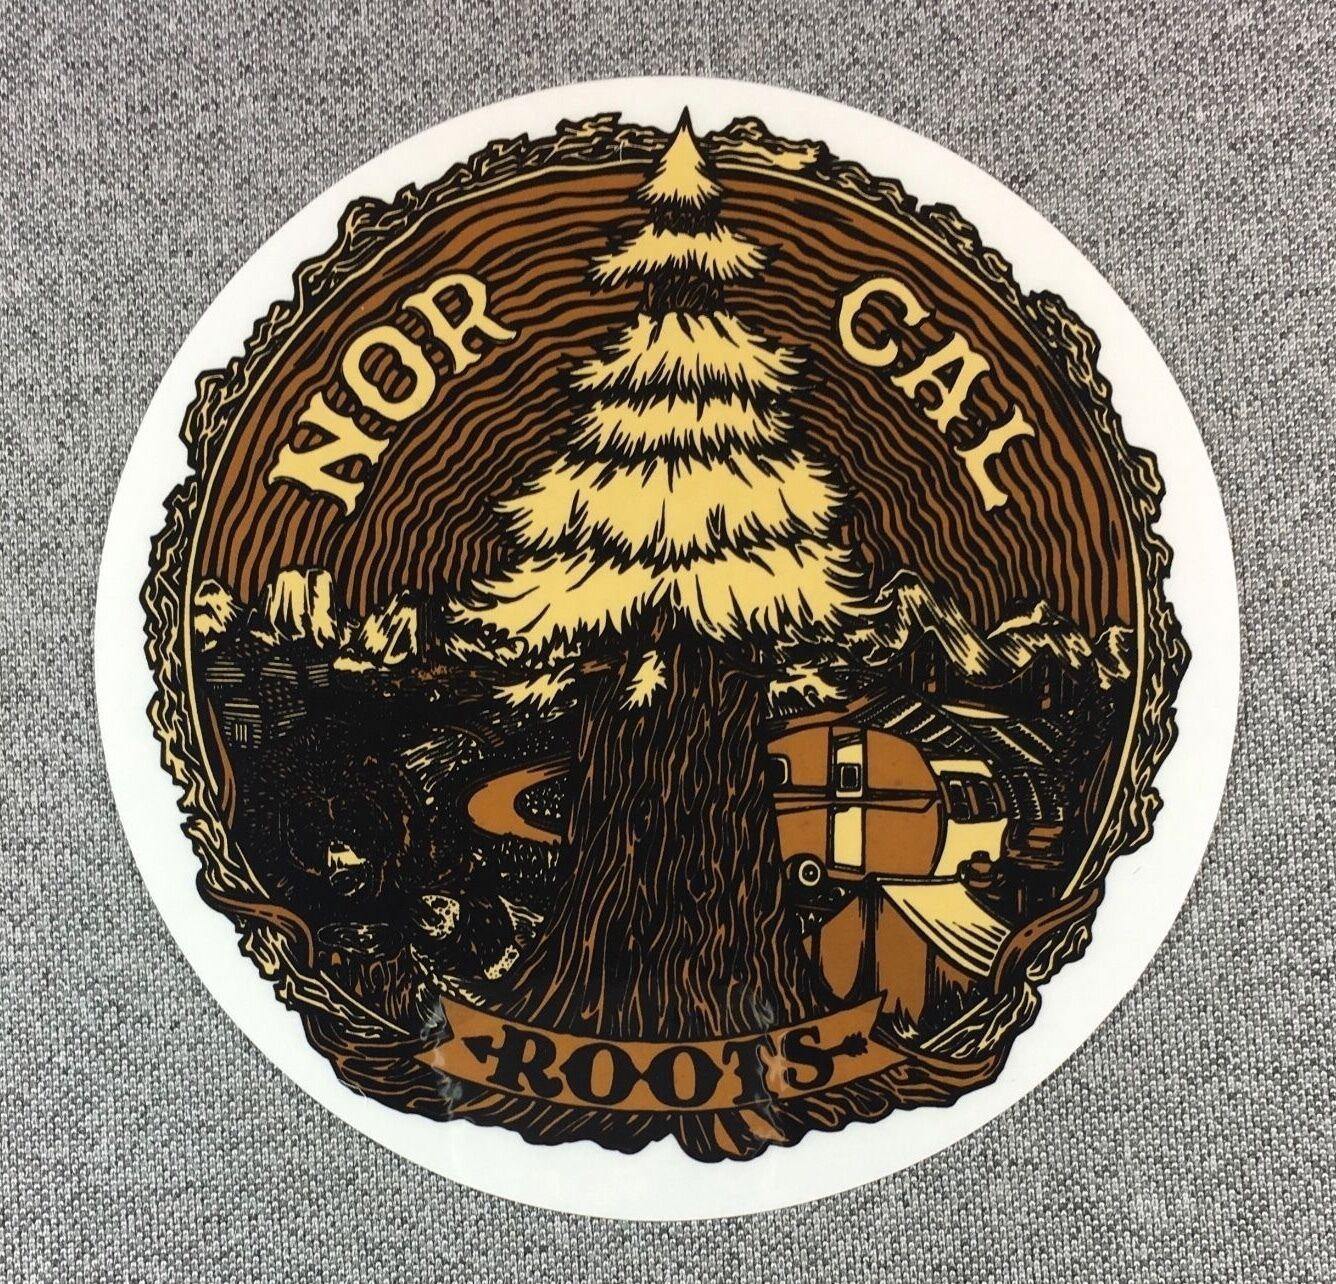 Nor Cal Enraciné Enraciné Enraciné Autocollant Norcal Bear 4.5in Si 6ed7d0